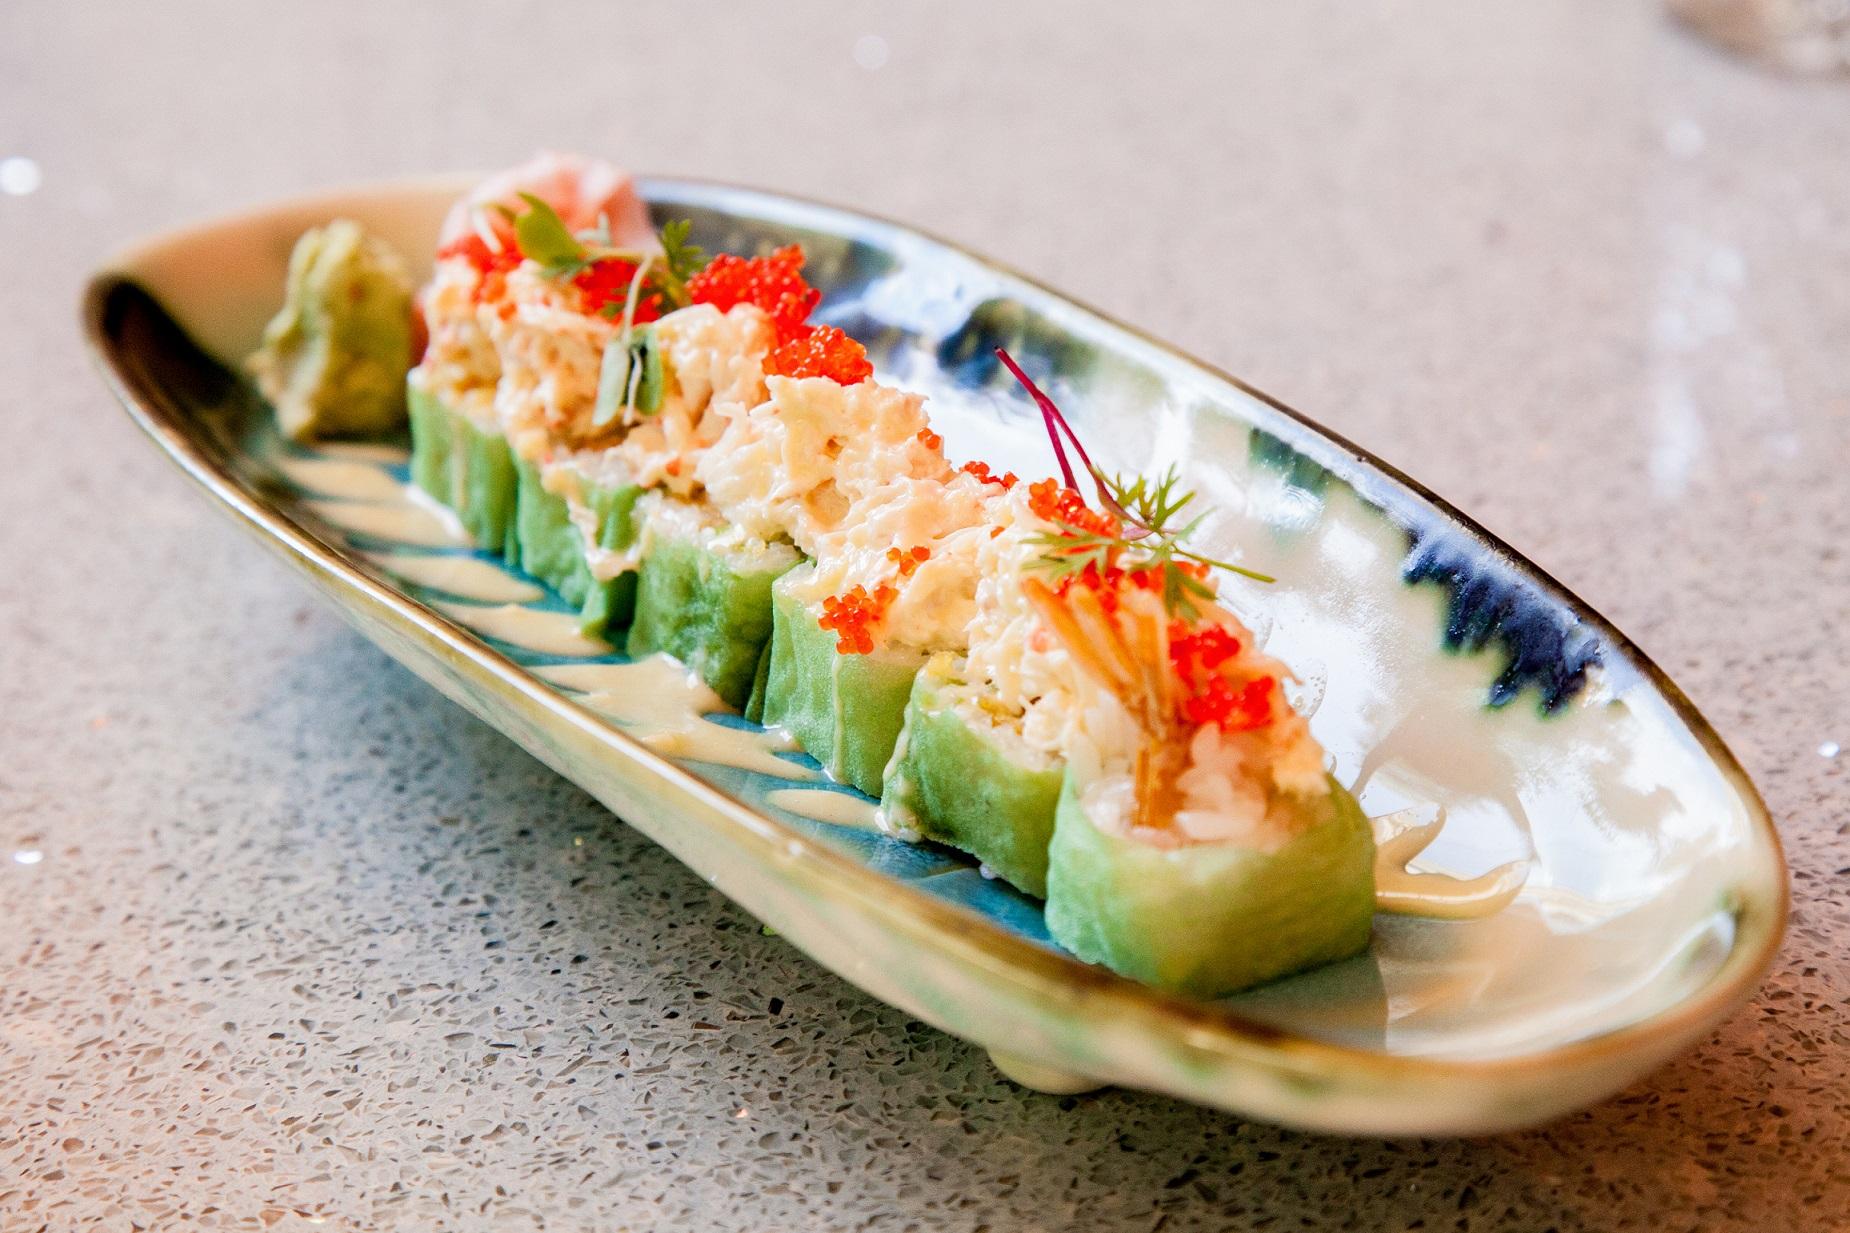 Cocina japo-fusion Madame Sushita Madrid a tu estilo